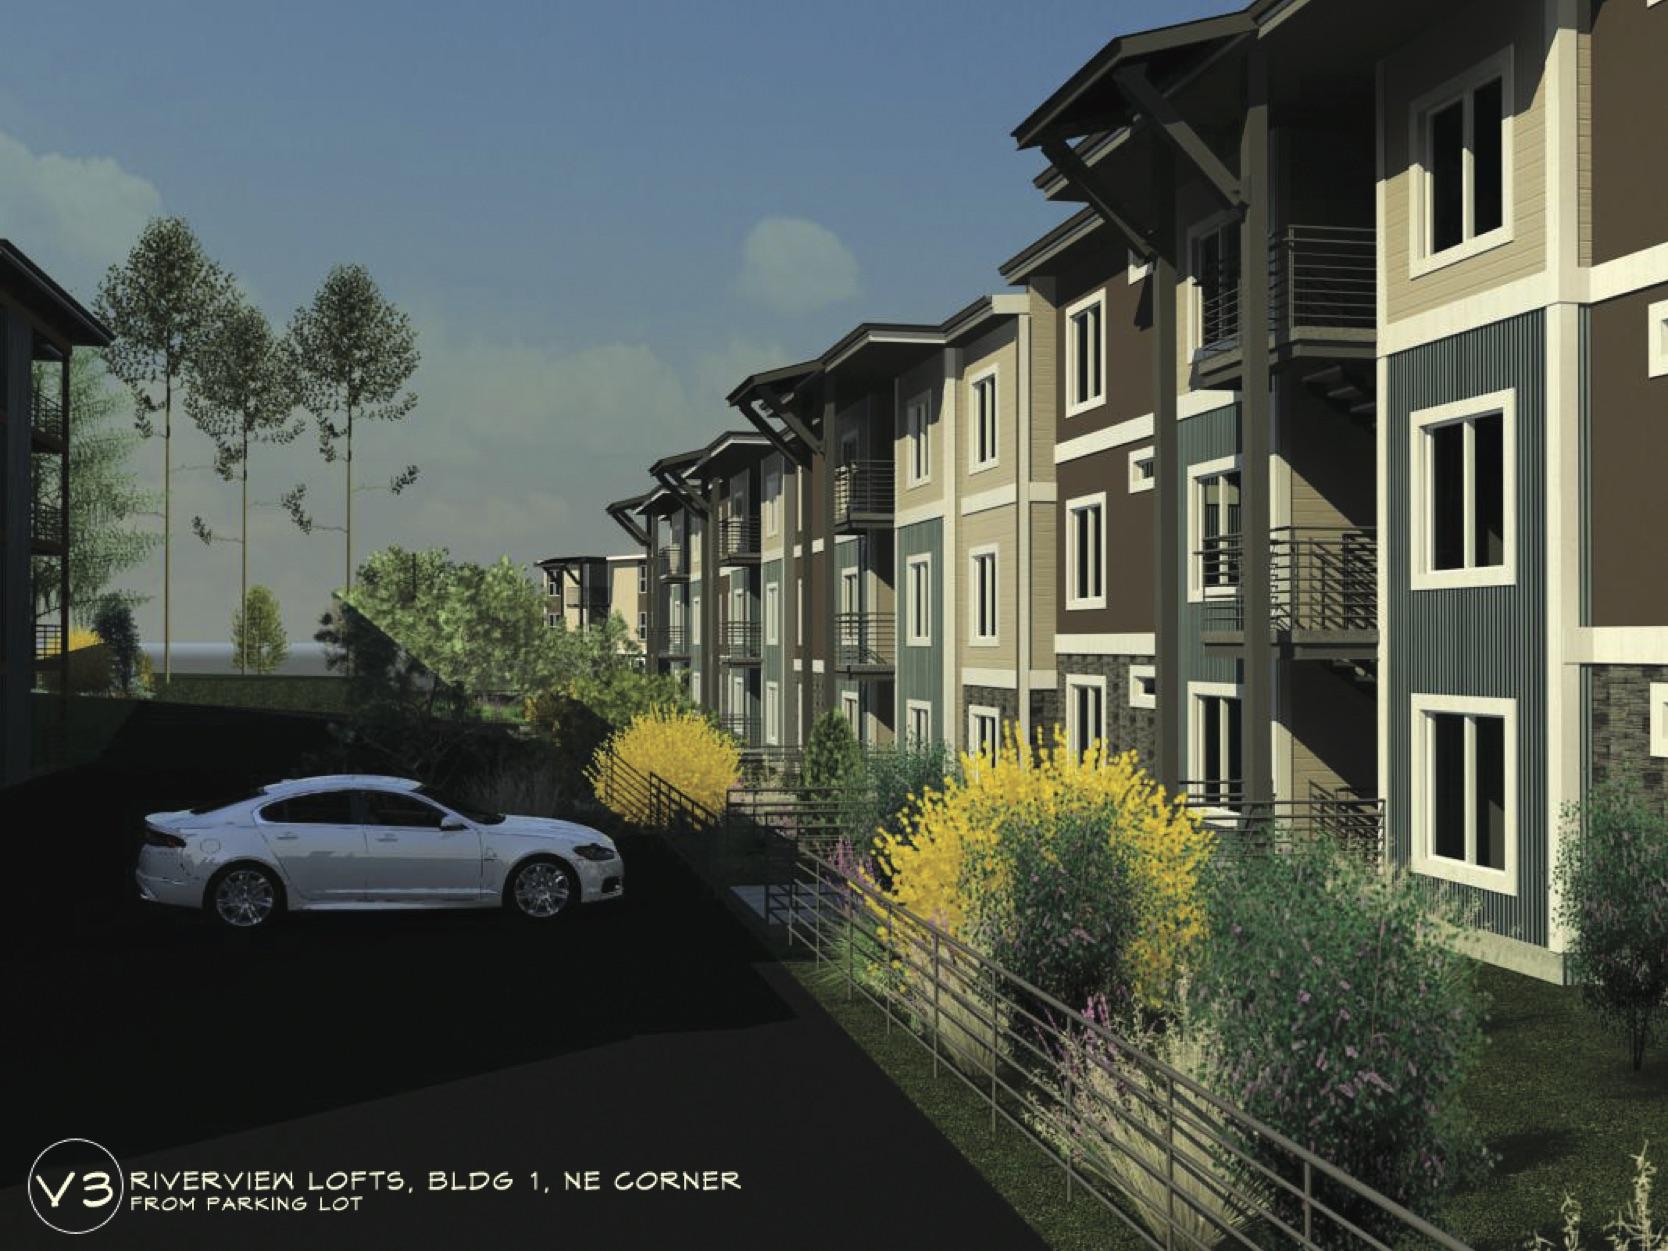 Riverview Lofts